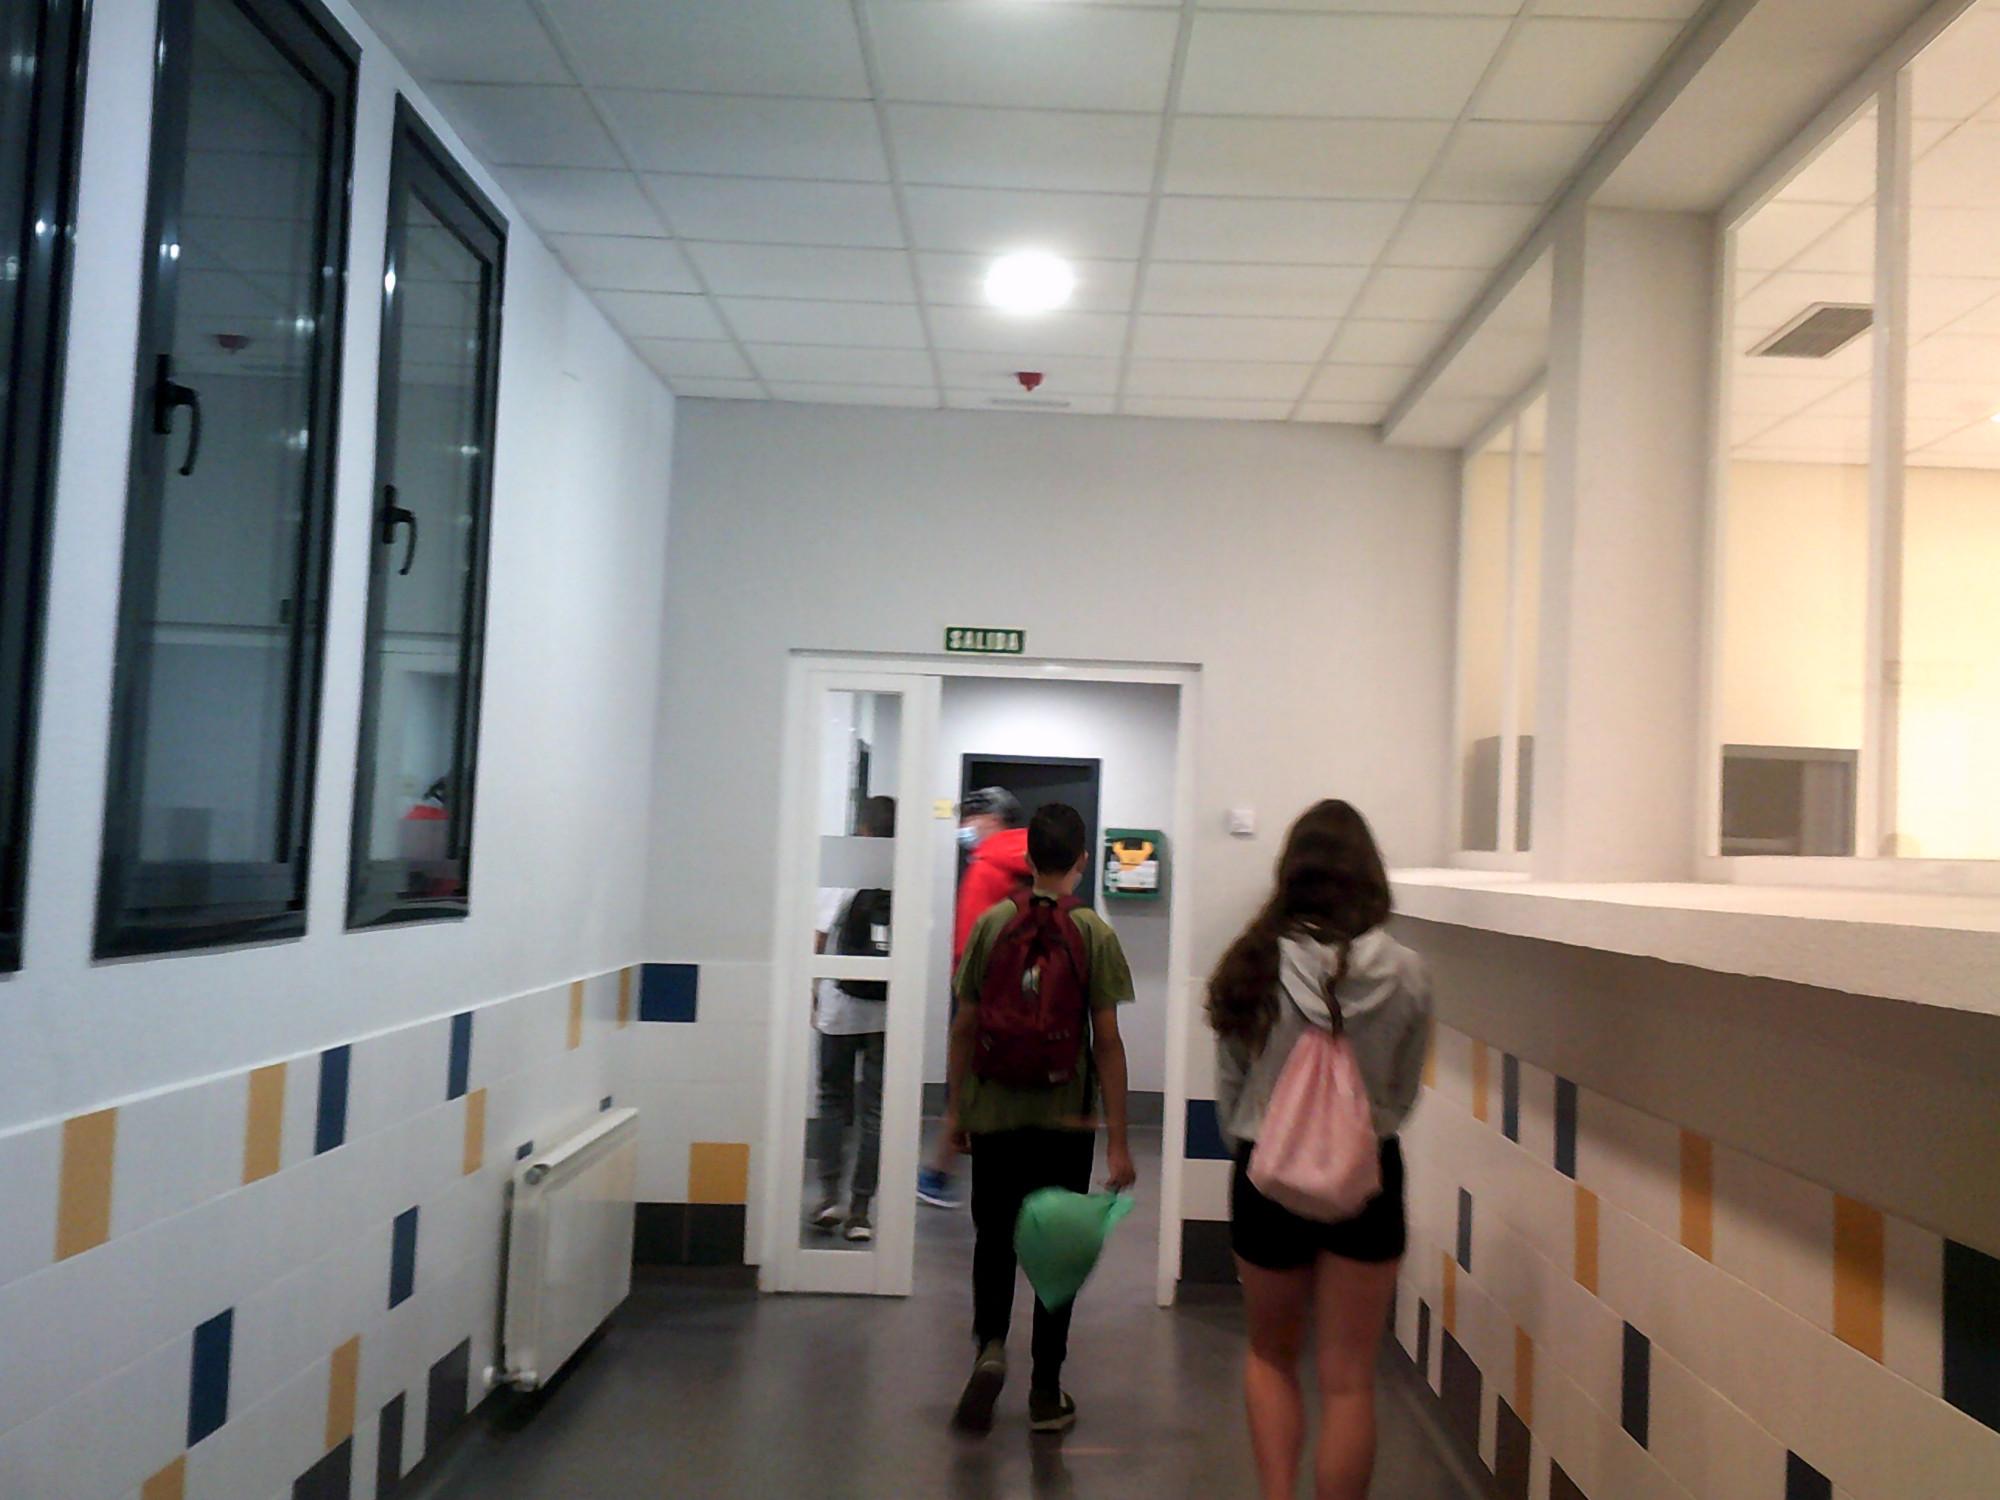 Pasillo interno del CIC Segundo Montes, y gente saliendo, se ven las espaldas